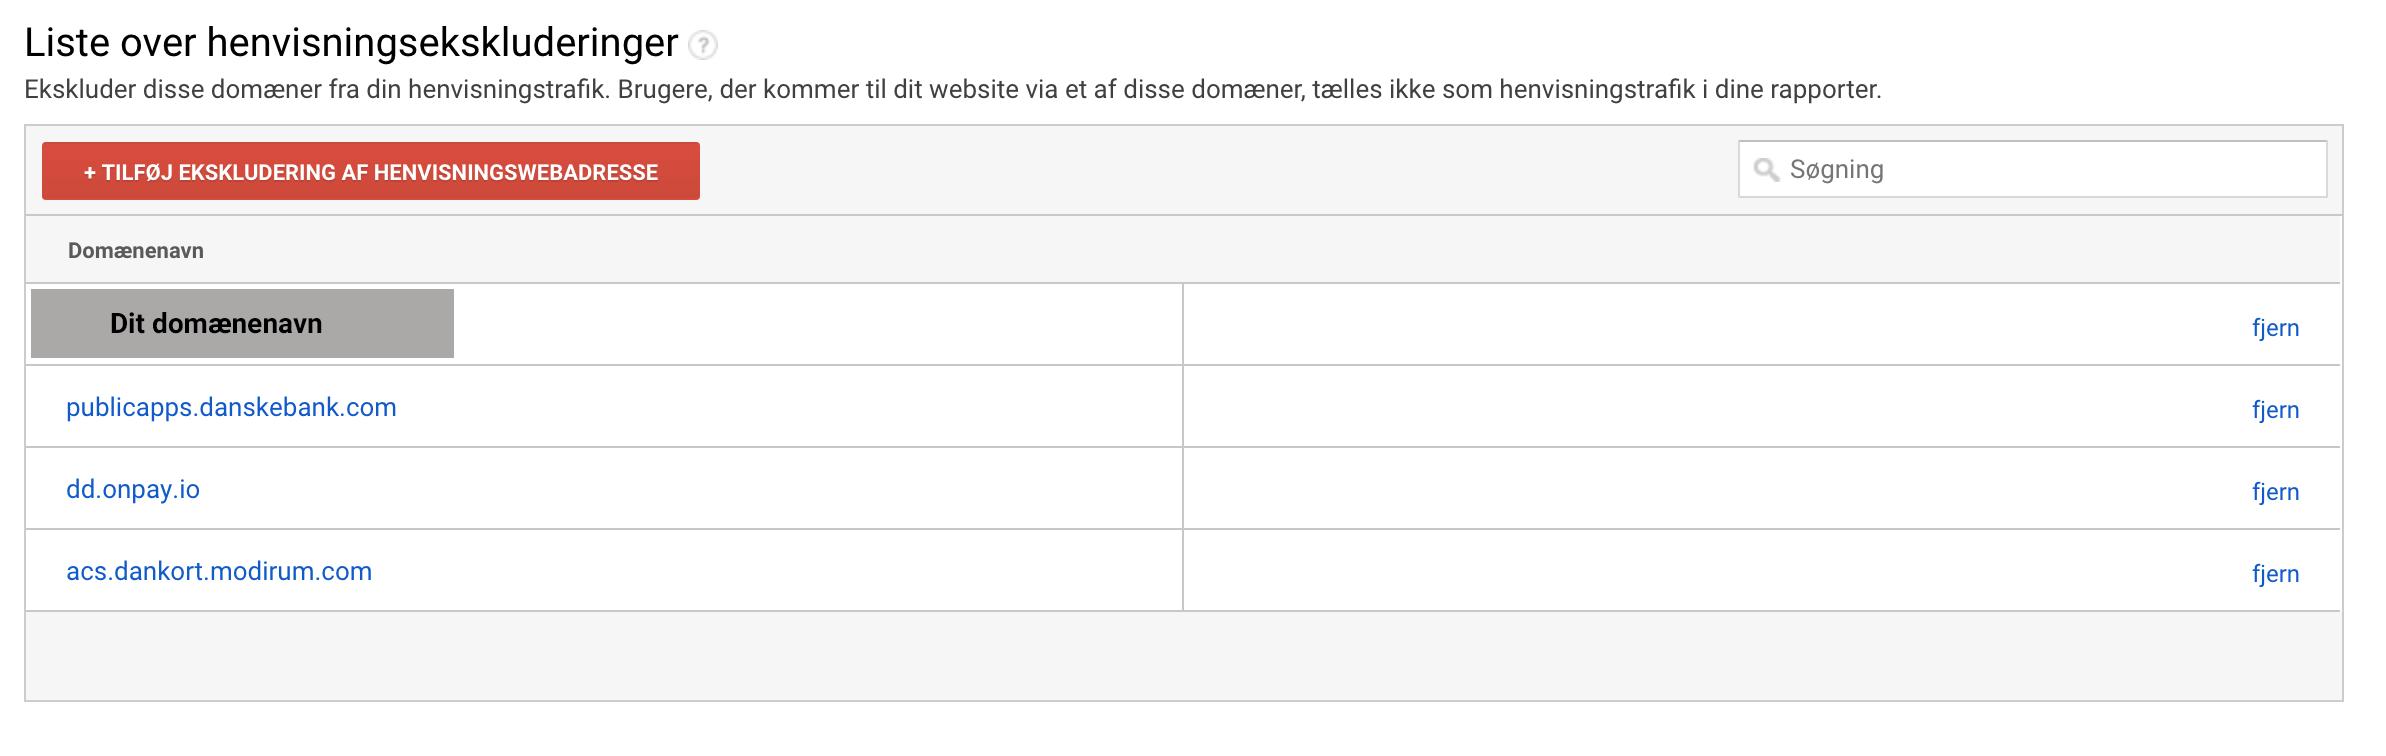 Liste over henvisningsekskluderinger i Google Analytics